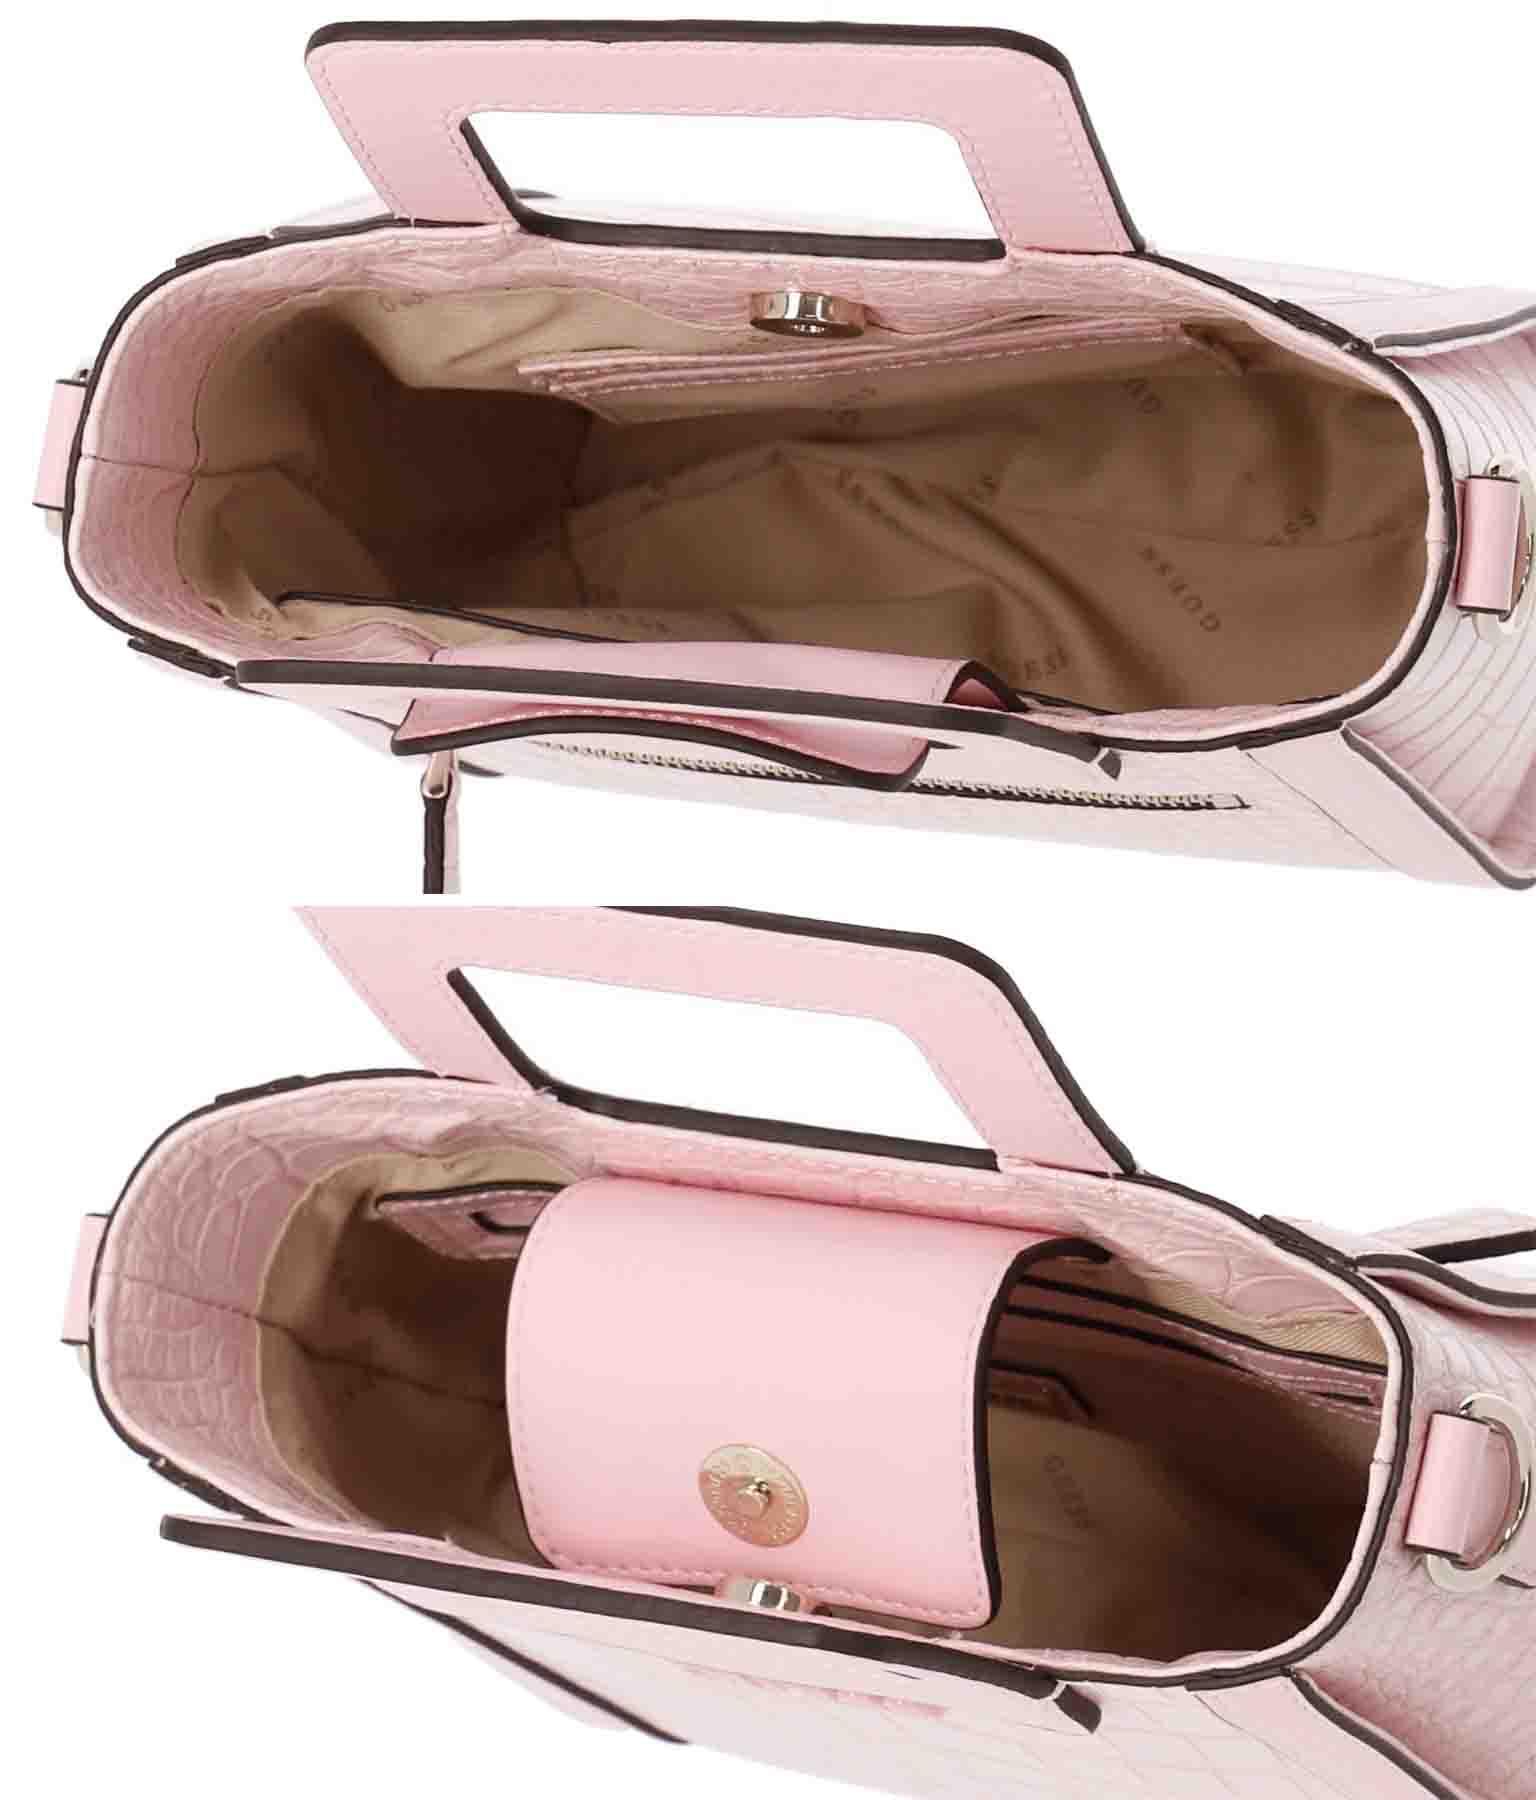 TRIPLE G SMALL TOTE BAG(バッグ・鞄・小物/ハンドバッグ・ショルダーバッグ) | GUESS